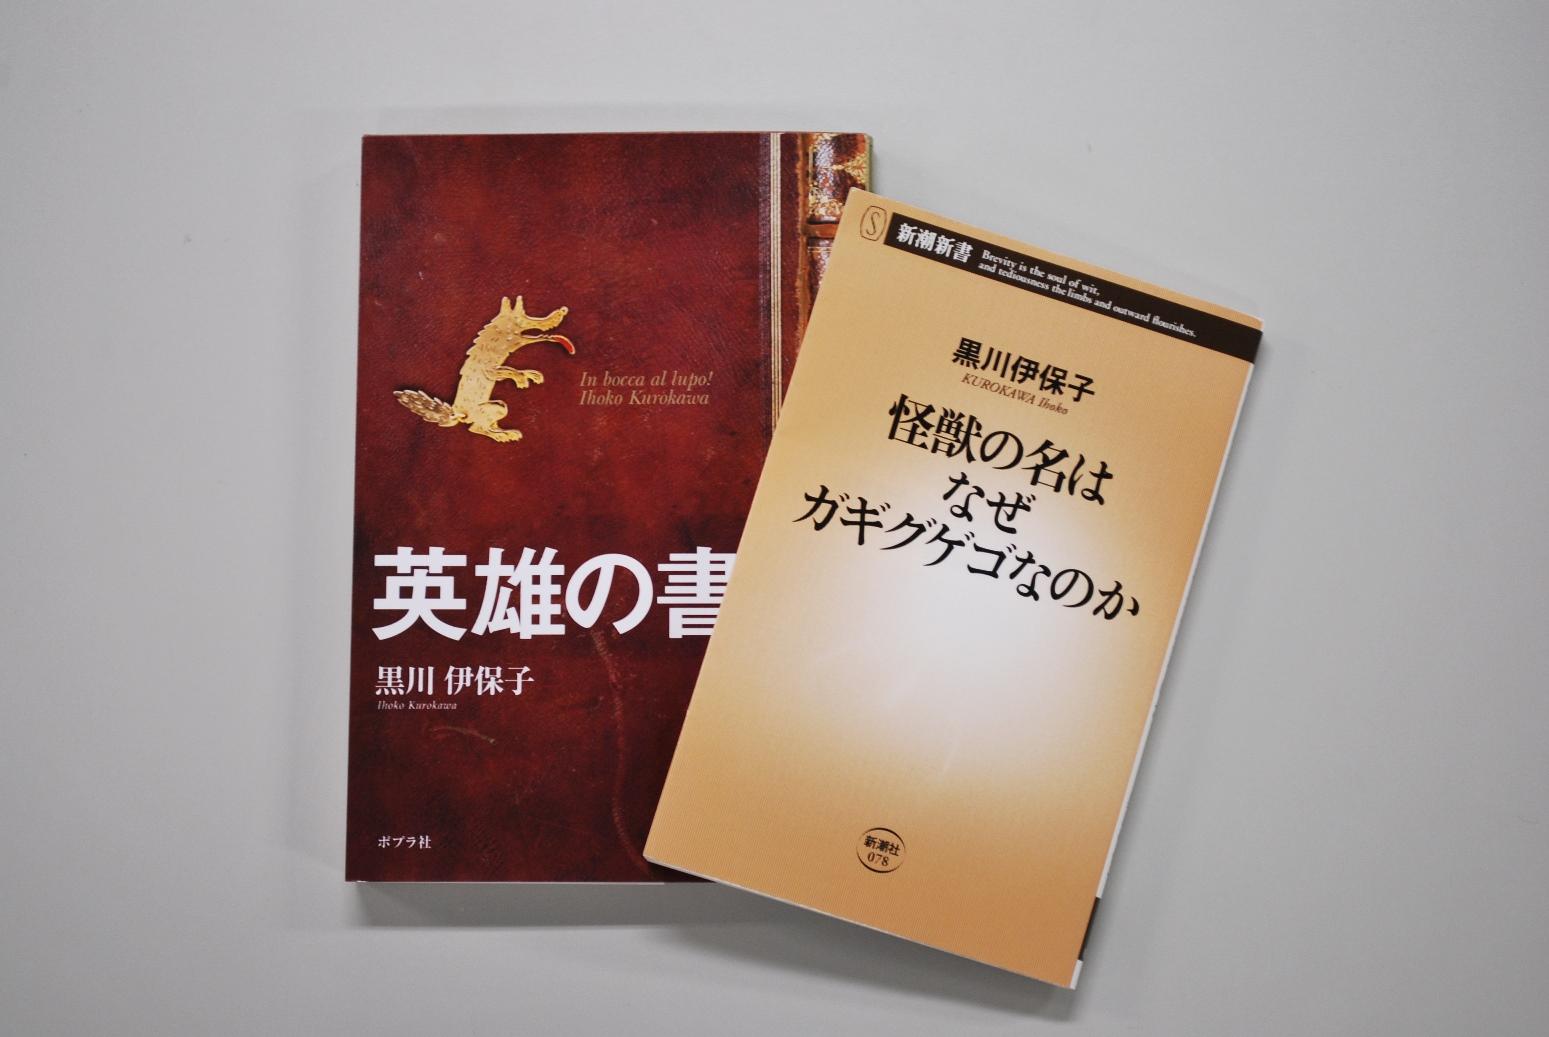 黒川伊保子 著書:英雄の書、怪獣の名はなぜガギグゲゴなのか